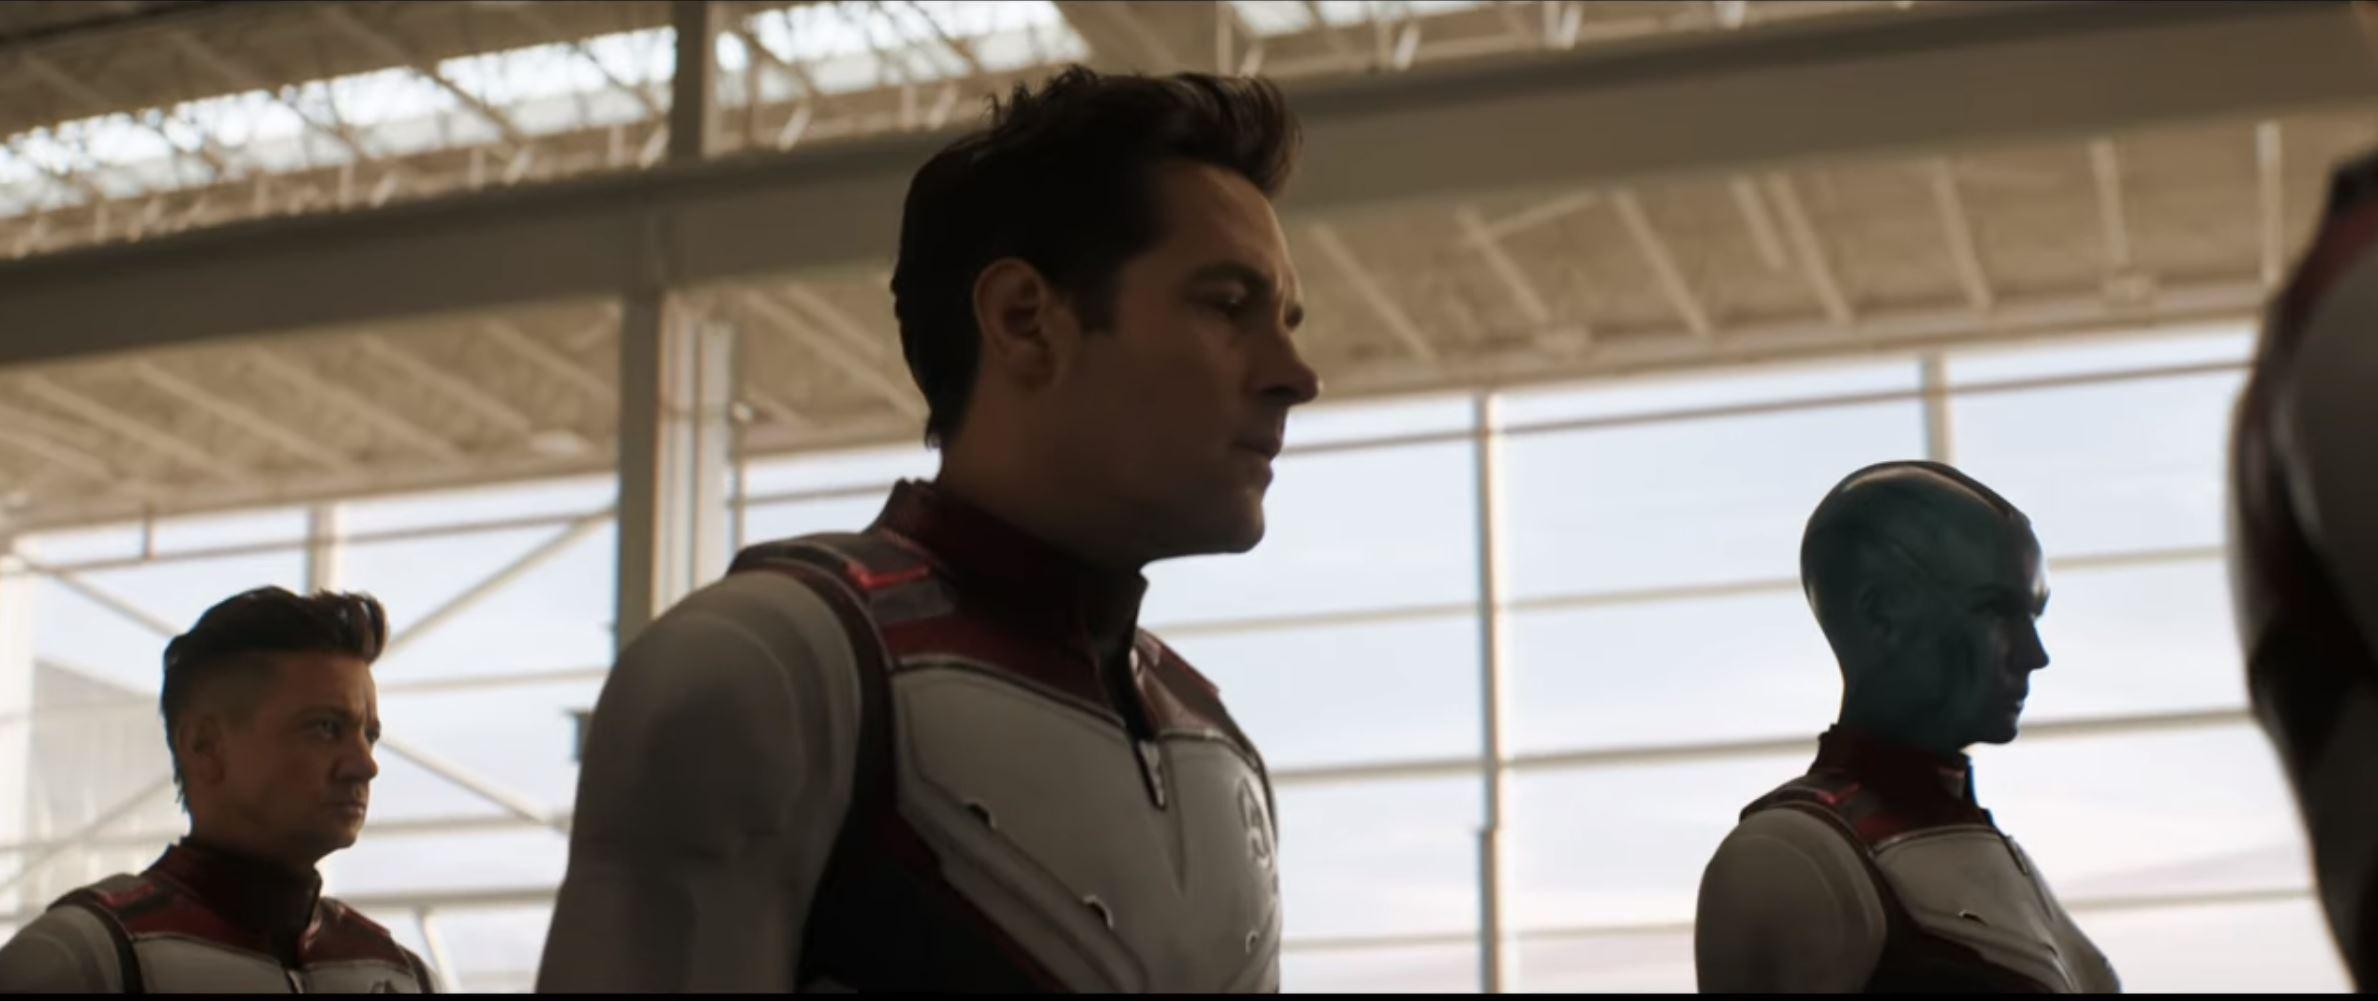 The New Marvel: Endgame Trailer Has Landed!